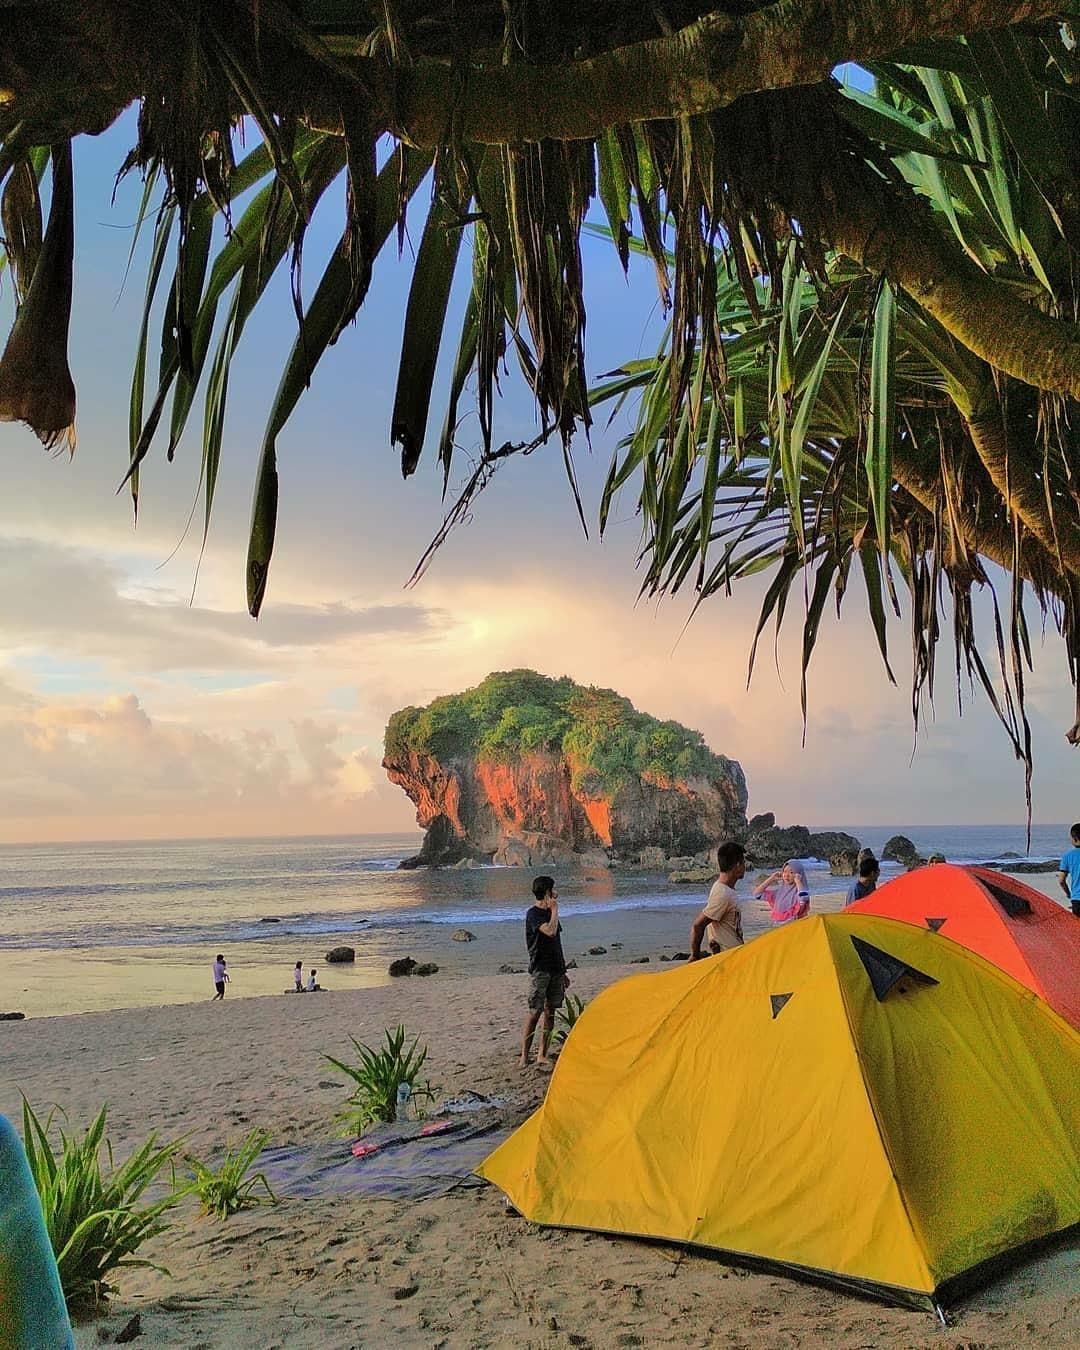 Artikel tentang Pantai Jungwok